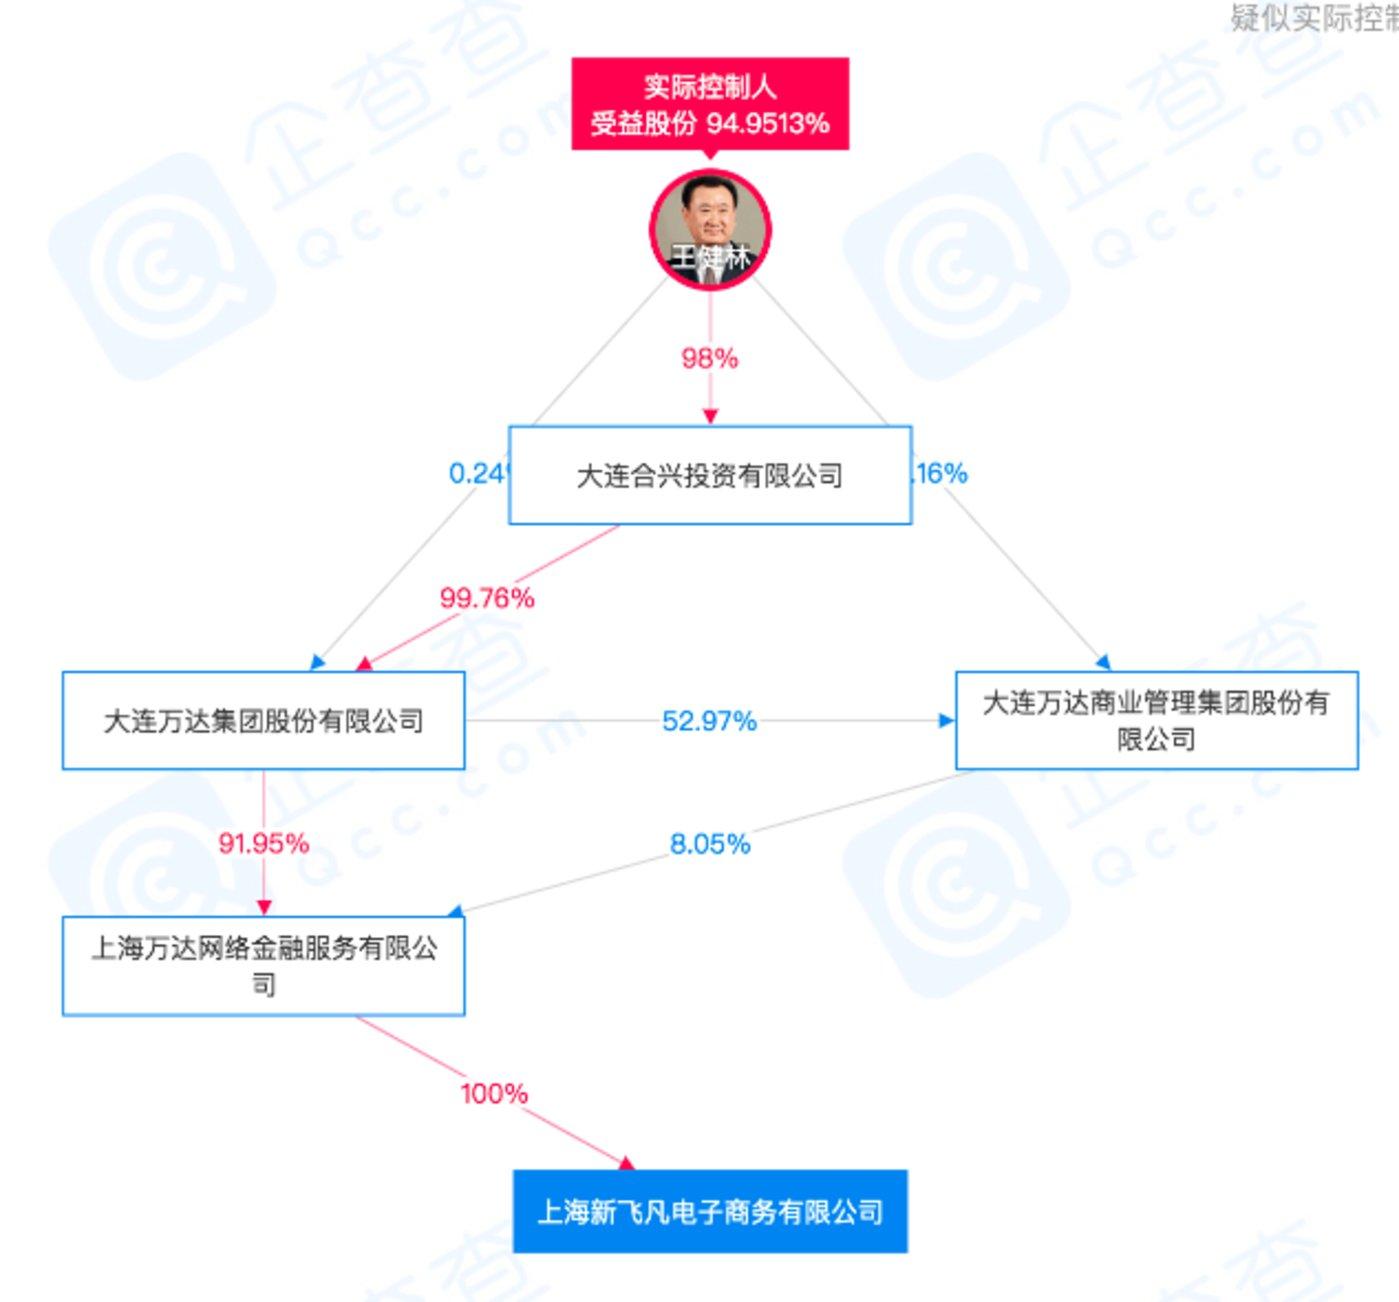 """王健林为""""新飞凡""""实际控制人(来源""""某企业信息查询平台"""")"""